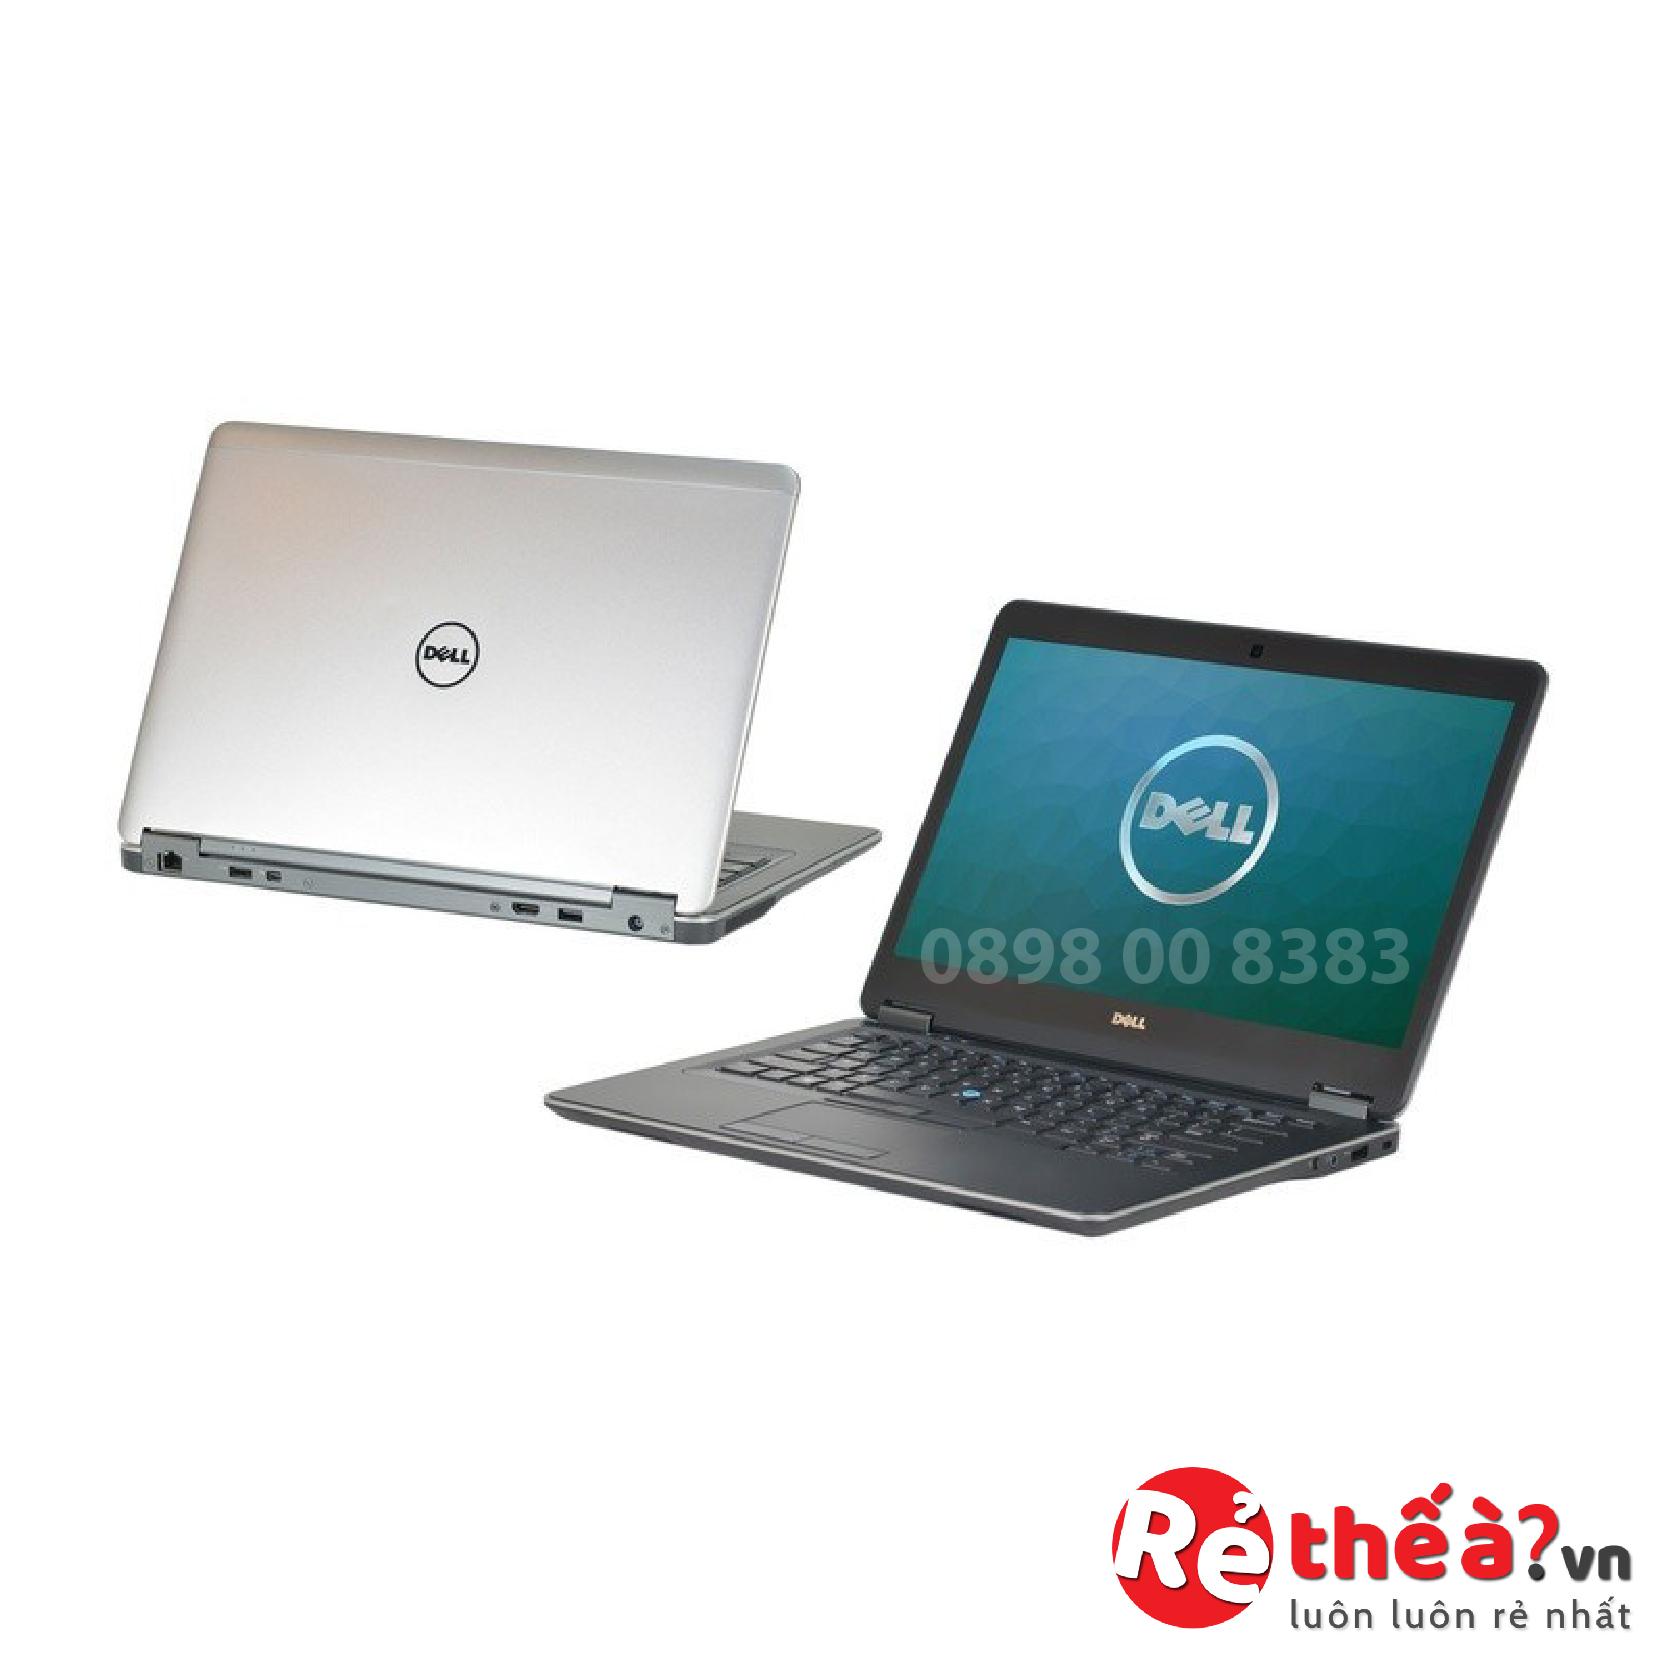 Laptop Dell Latitude E7440